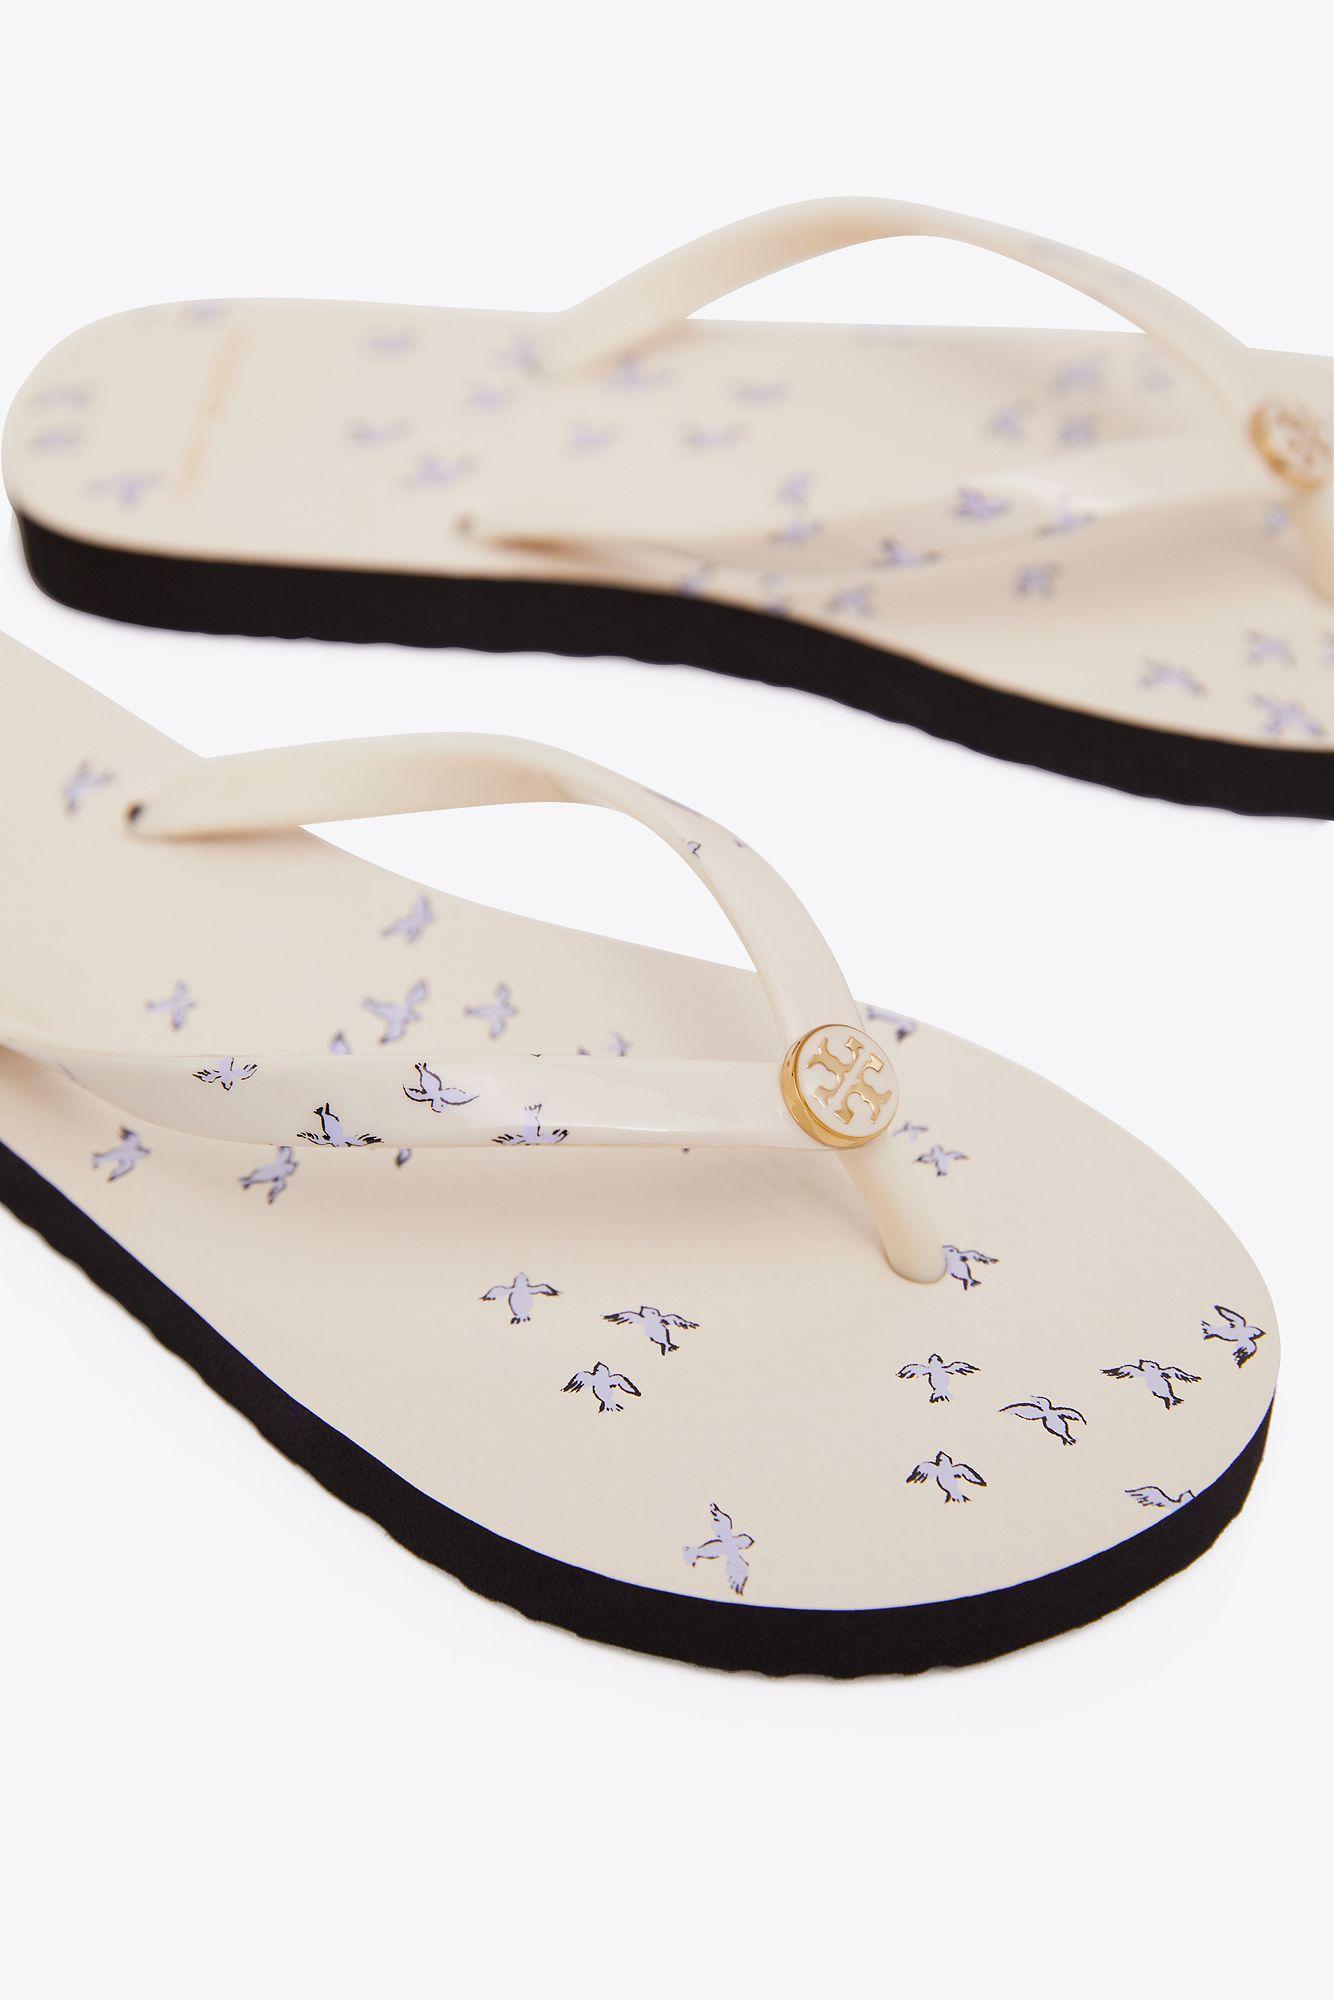 7347f8a0e4d6b8 Tory Burch - White Printed Thin Flip Flop